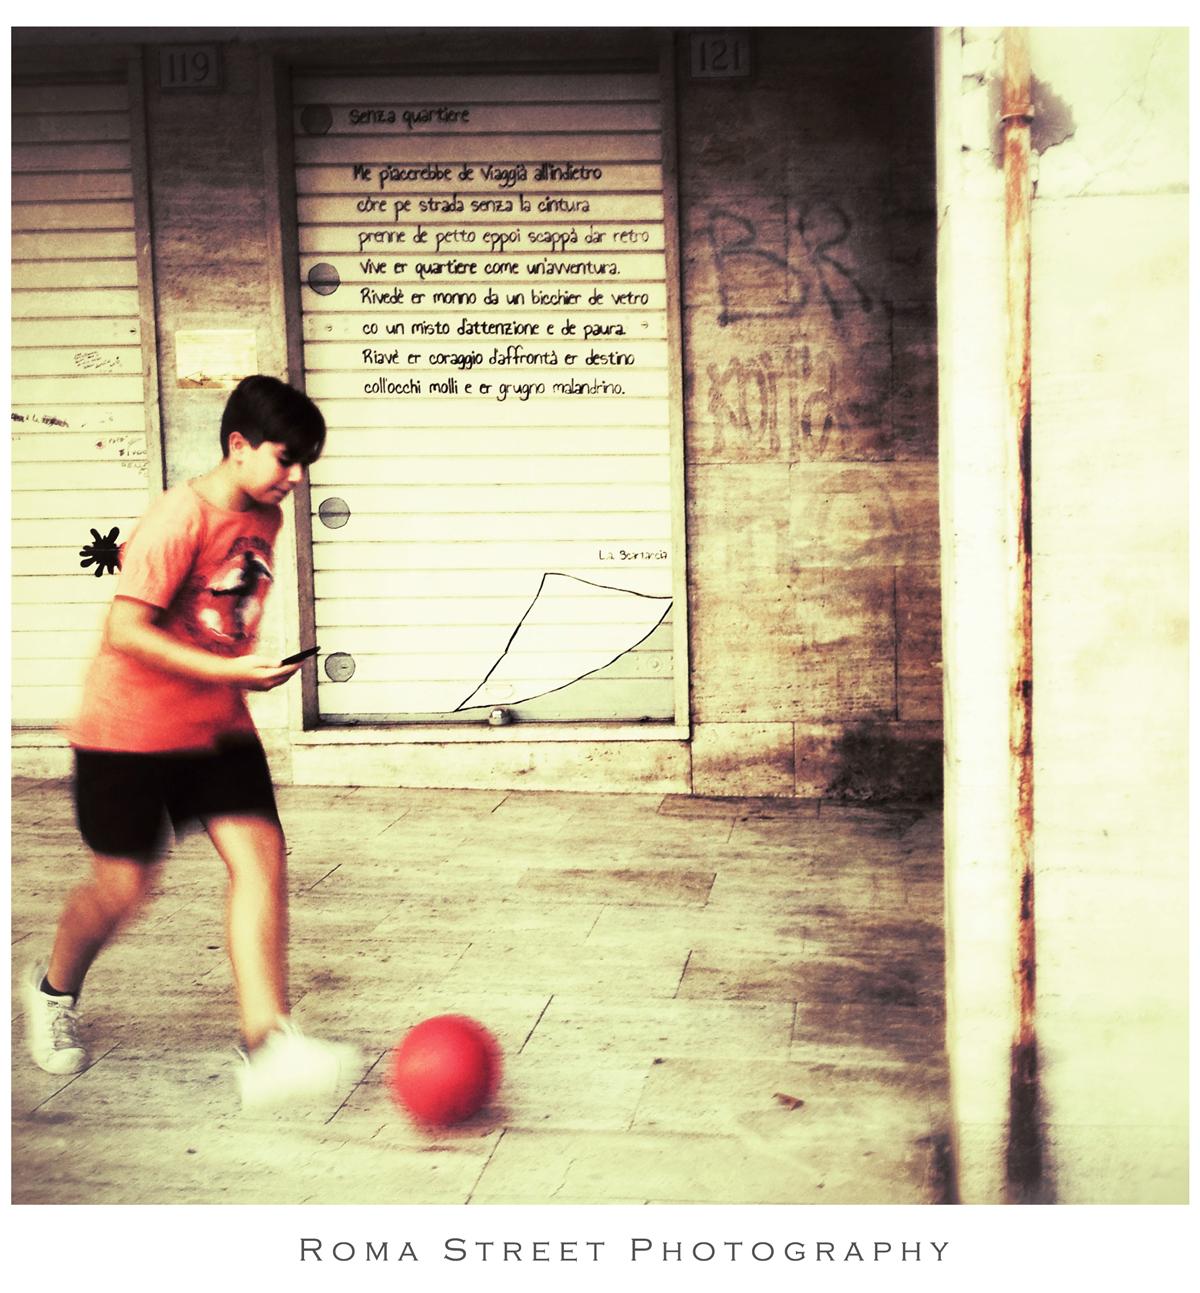 Senza Quartiere - diario di bordo - Roma Street Photography